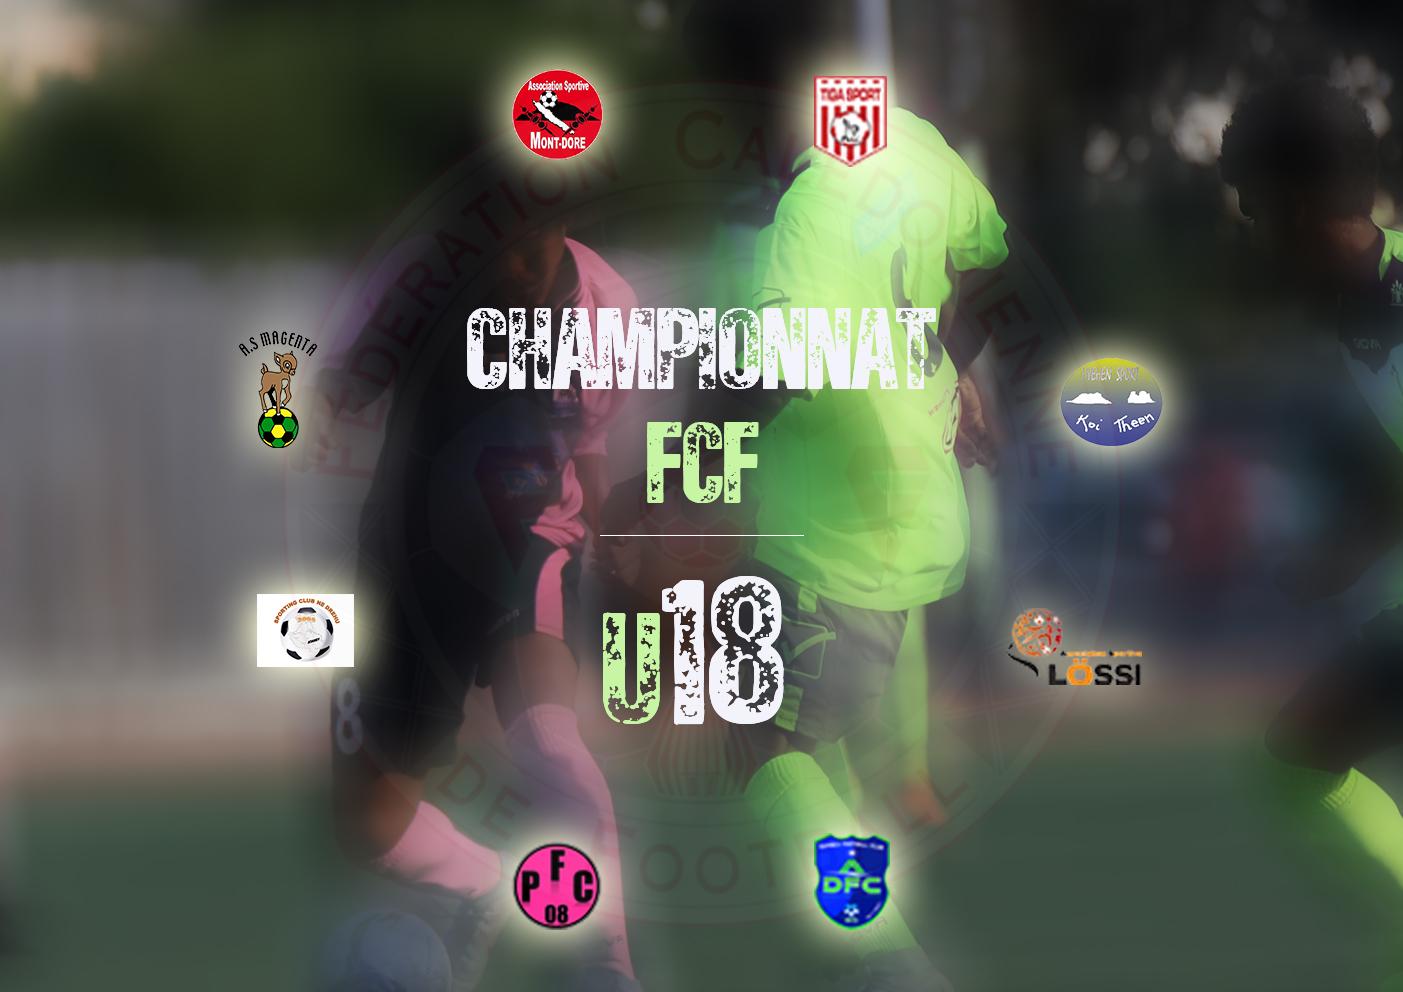 Un championnat fédéral U18 voit le jour / Football des Jeunes - FCF